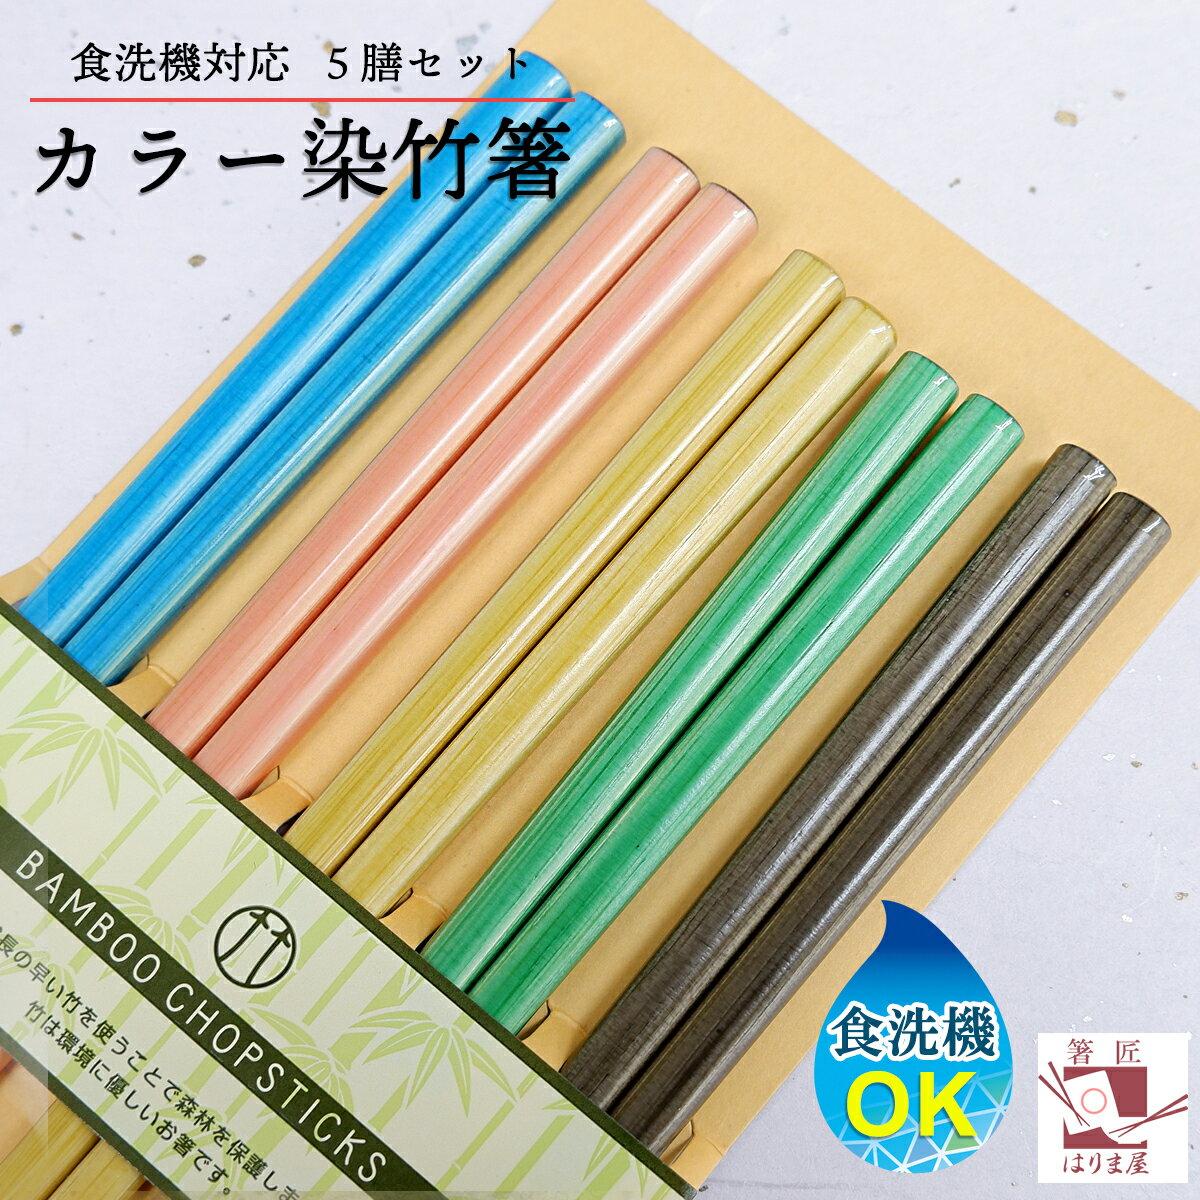 土肥忠商店『BAMBOOCHOPSTICKSカラー染竹5膳セット』